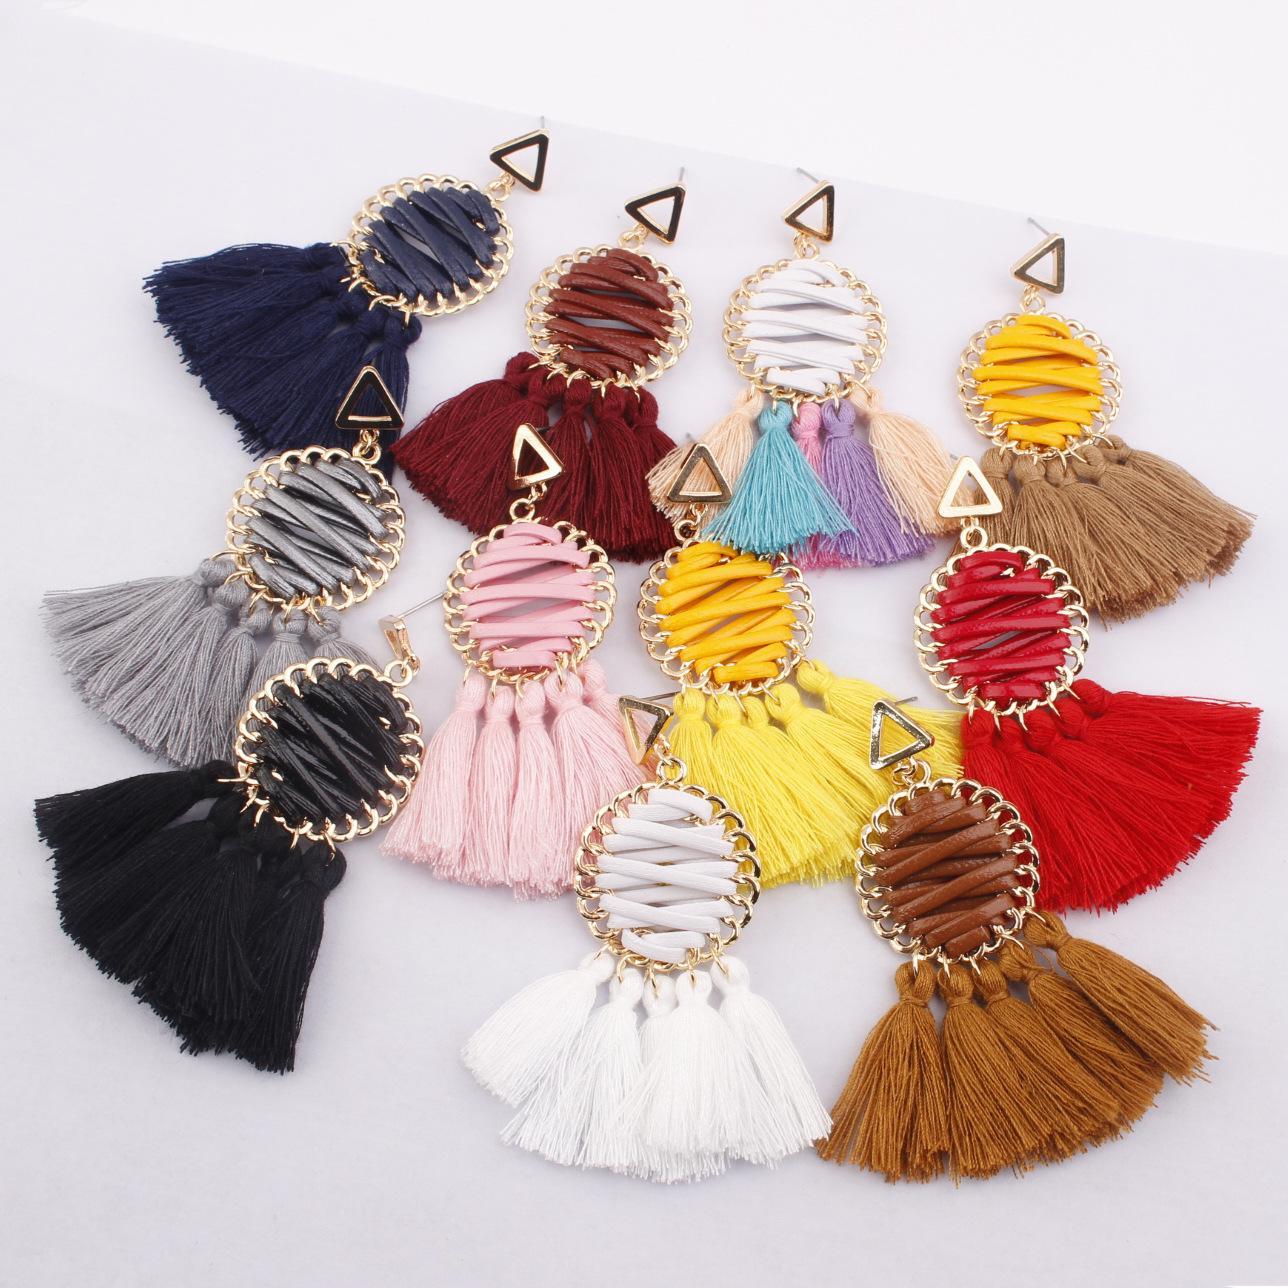 2020 style bohème ethnique Tassel Boucles d'oreilles rondes tissés à la main Creative Mesh femmes Boucles d'oreilles Bijoux Accessoires de mode 11 Styles